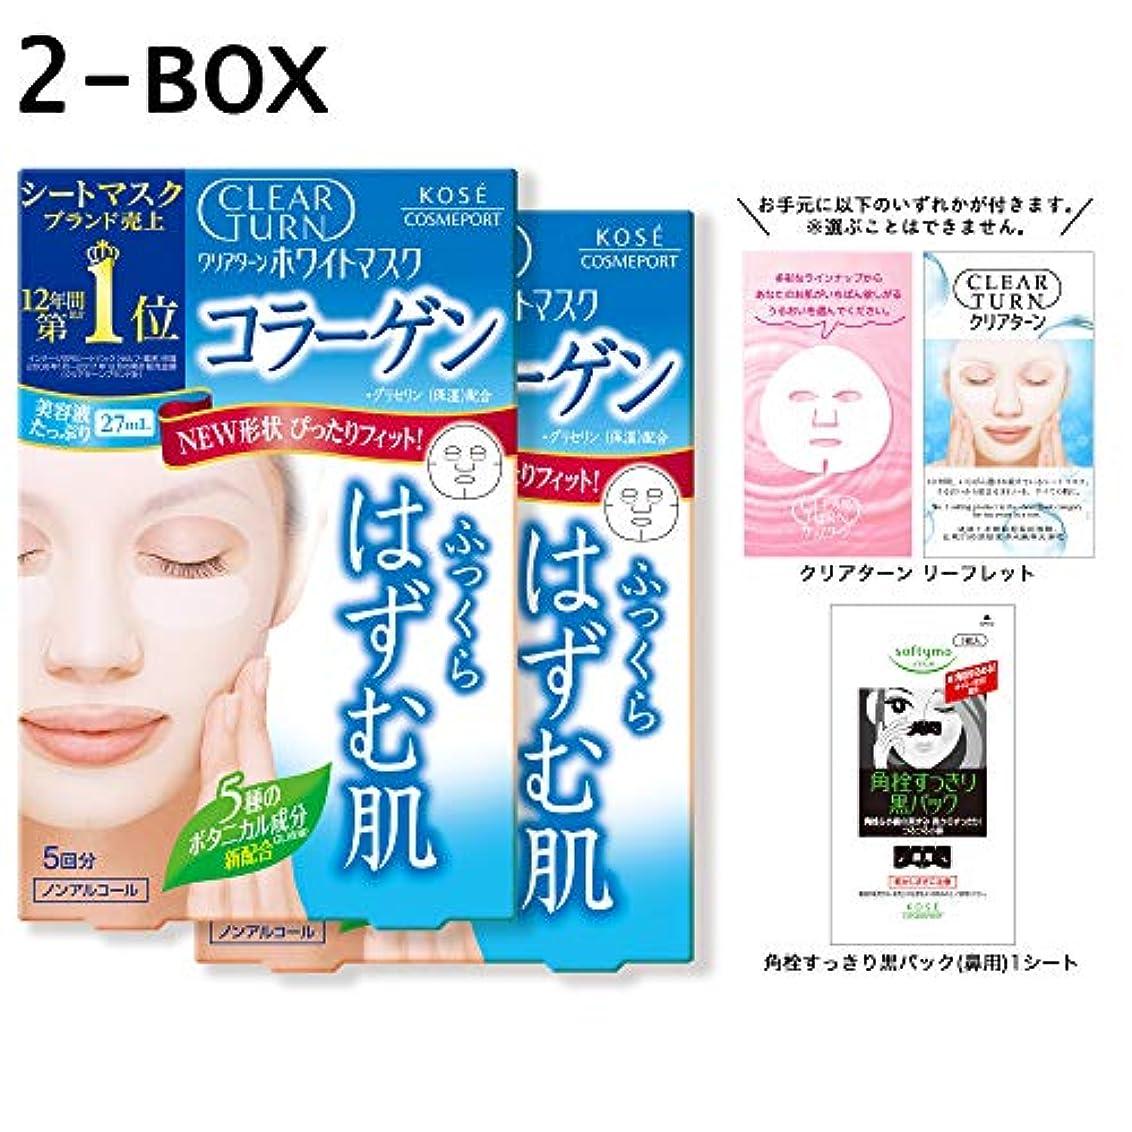 窓質量治療【Amazon.co.jp限定】KOSE クリアターン ホワイトマスク コラーゲン 5回分 2P+おまけ付 フェイスマスク